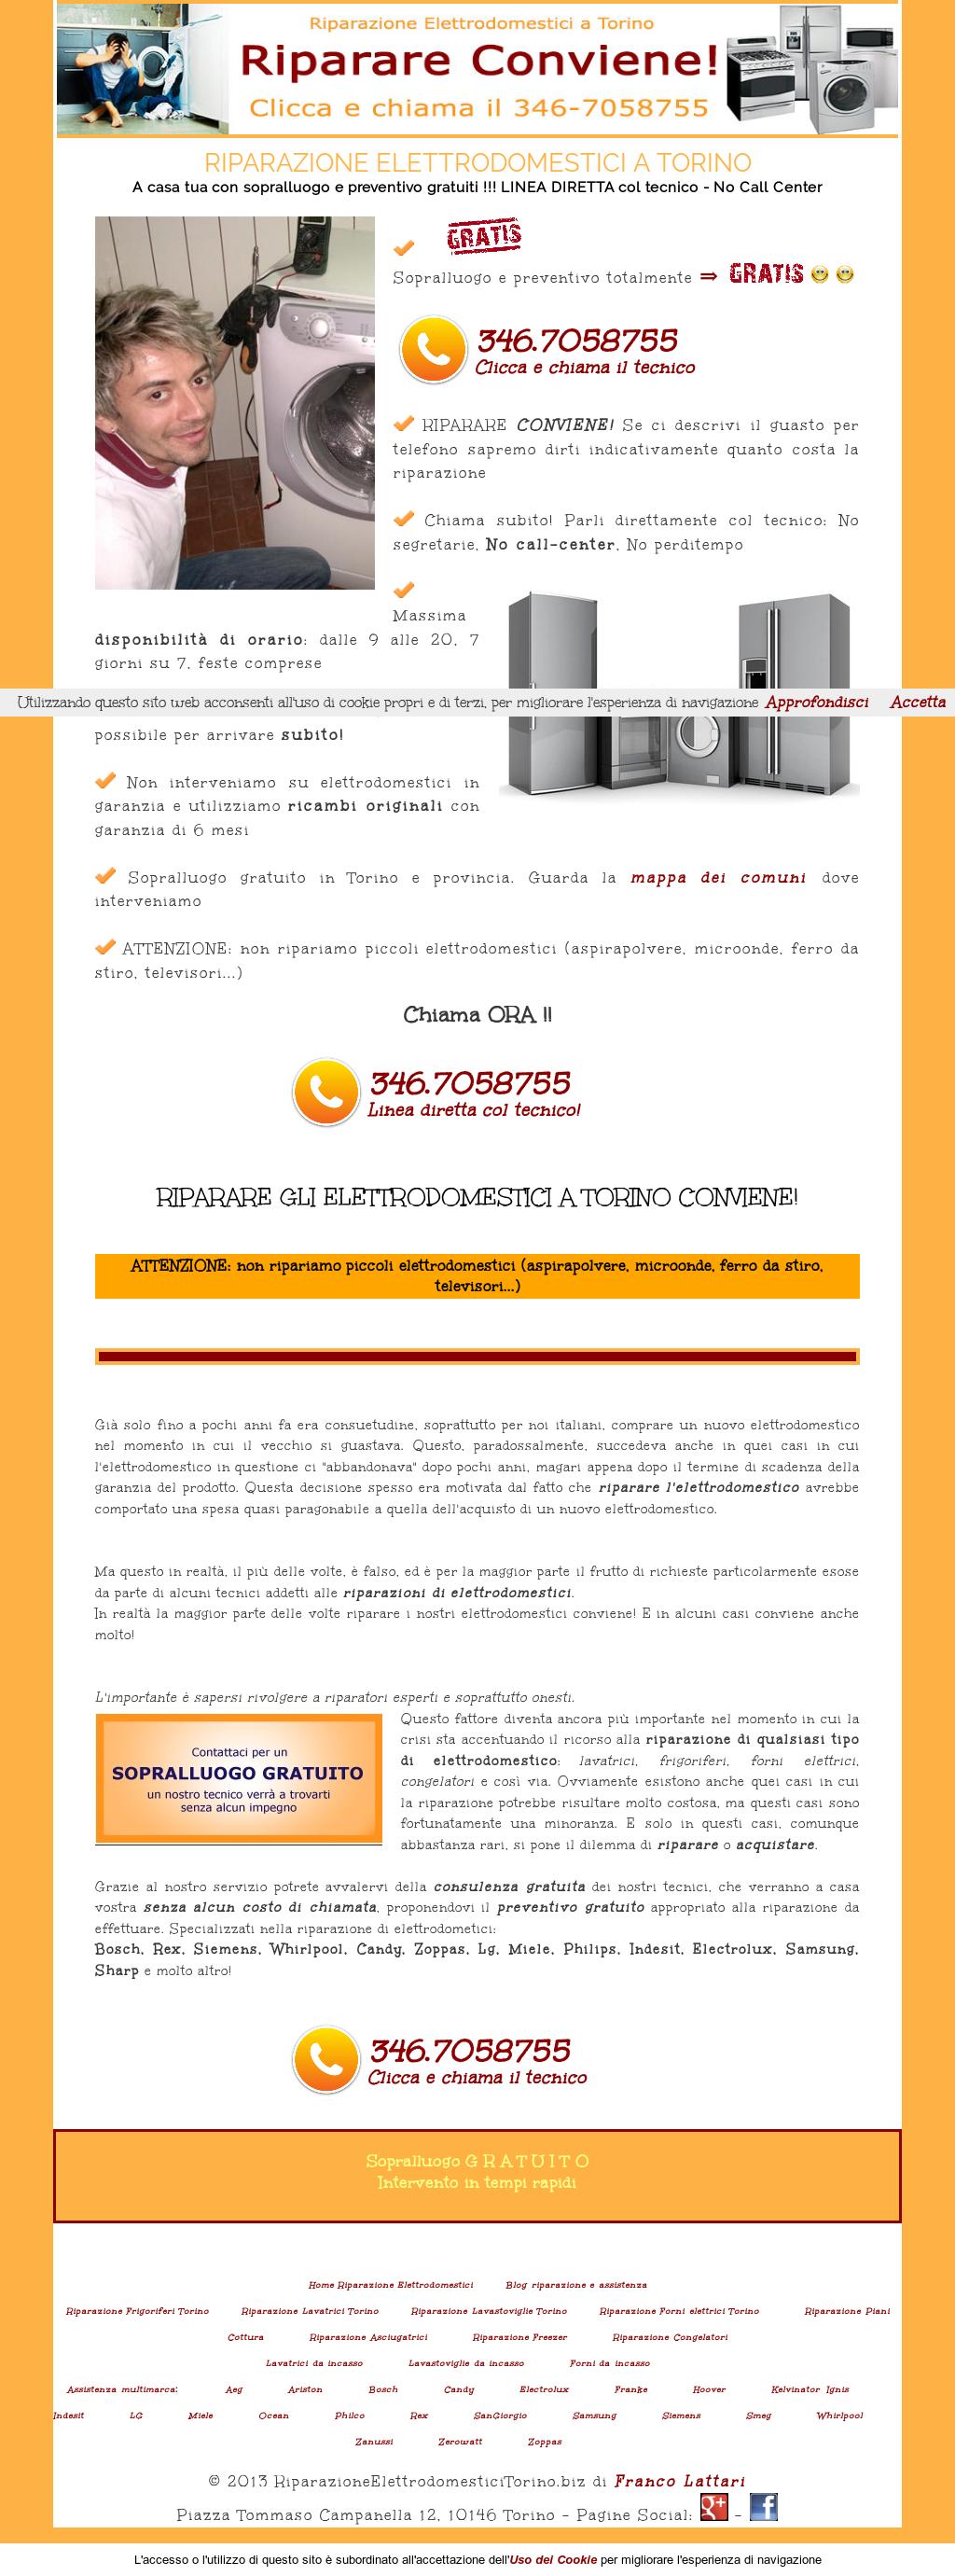 Riparazione Elettrodomestici Torino Competitors, Revenue and ...